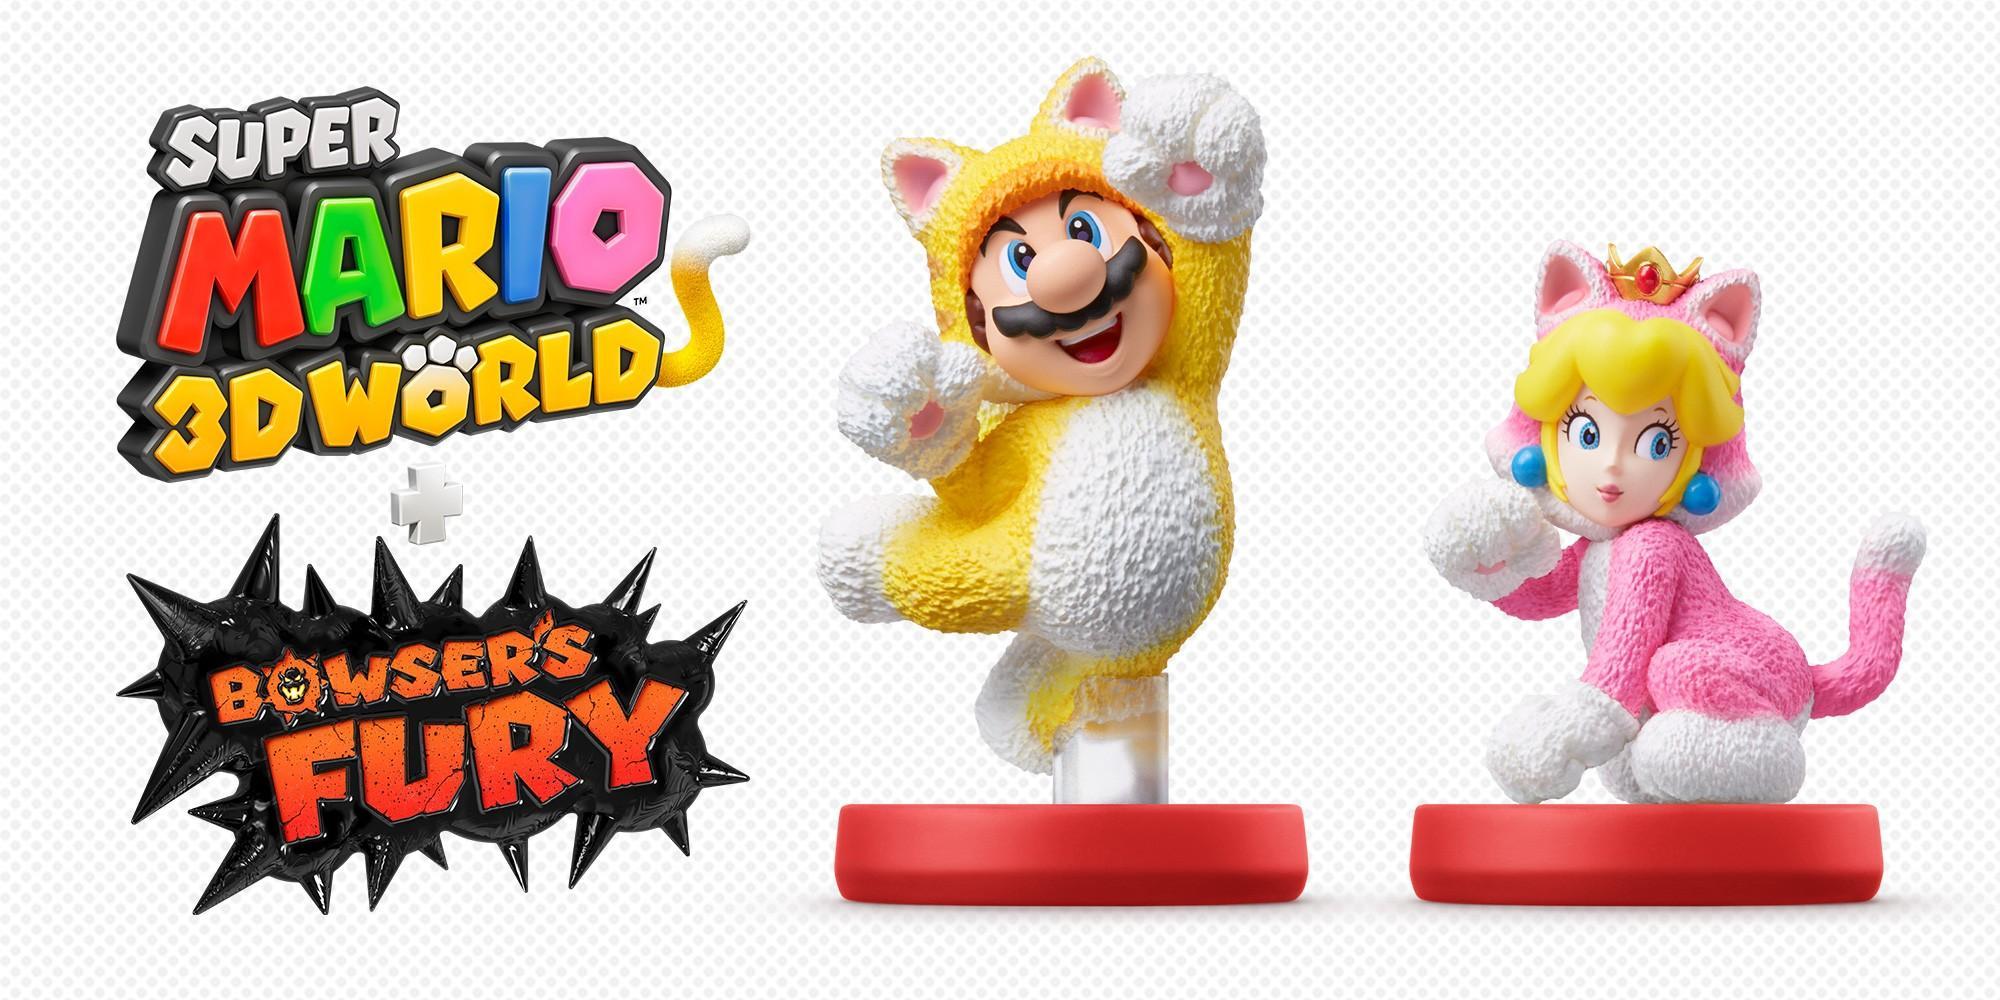 Что открывают amiibo в игре Super Mario 3D World + Bowser's Fury 3